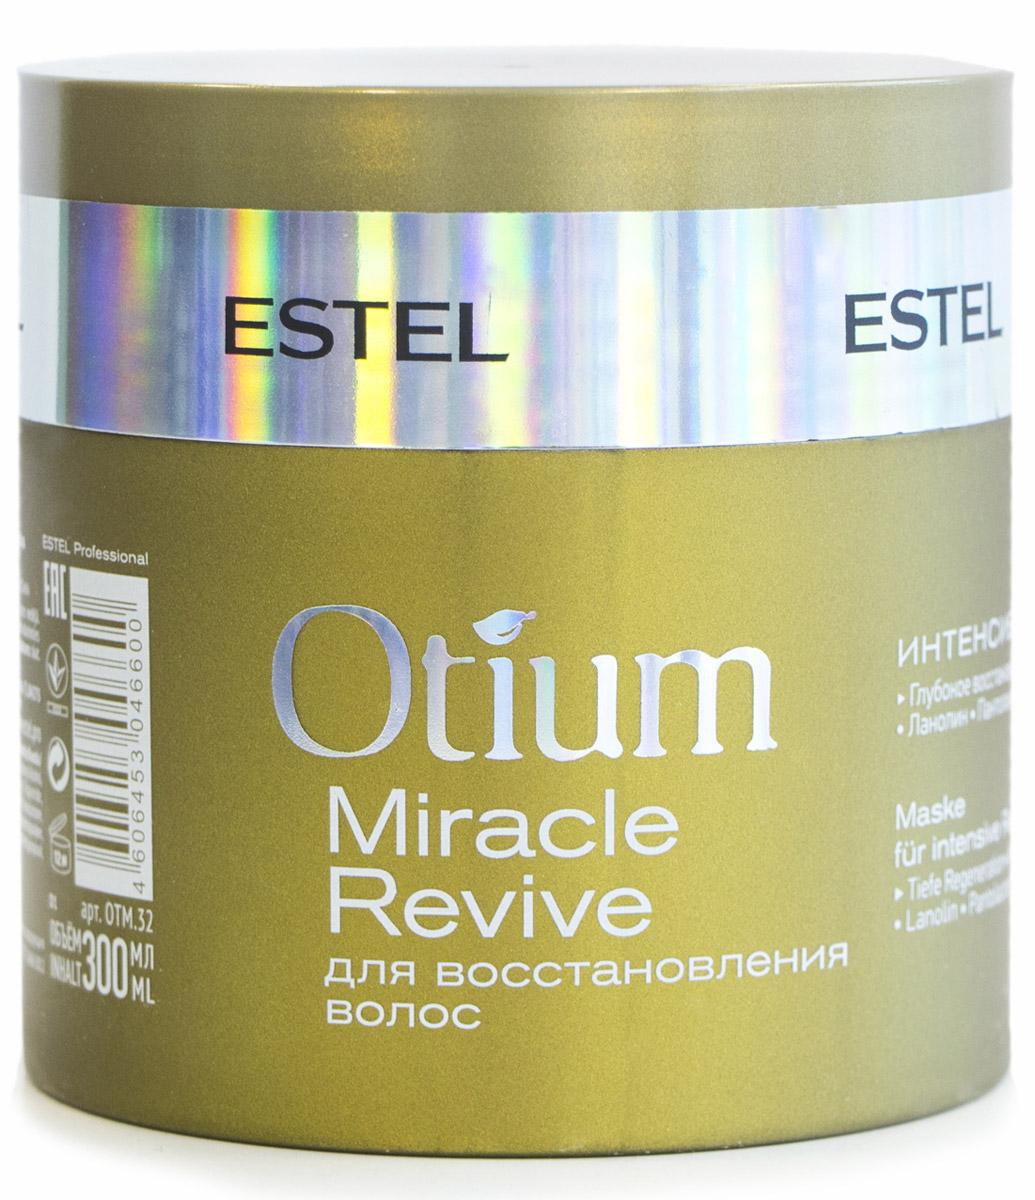 Estel Интенсивная маска для восстановления волос Otium Miracle Revive, 300 млFS-00897Estel Otium Miracle Маска - комфорт для сильно поврежденных волос. Богатая кремовая маска с комплексом Mirаcle Revivаl и ланолином интенсивно восстанавливает структуру ломких и повреждённых волос, возвращает им природную эластичность и упругость, повышает прочность. Обеспечивает долговременный уход и внутреннее восстановление волос. Придаёт блеск, облегчает расчёсывание.